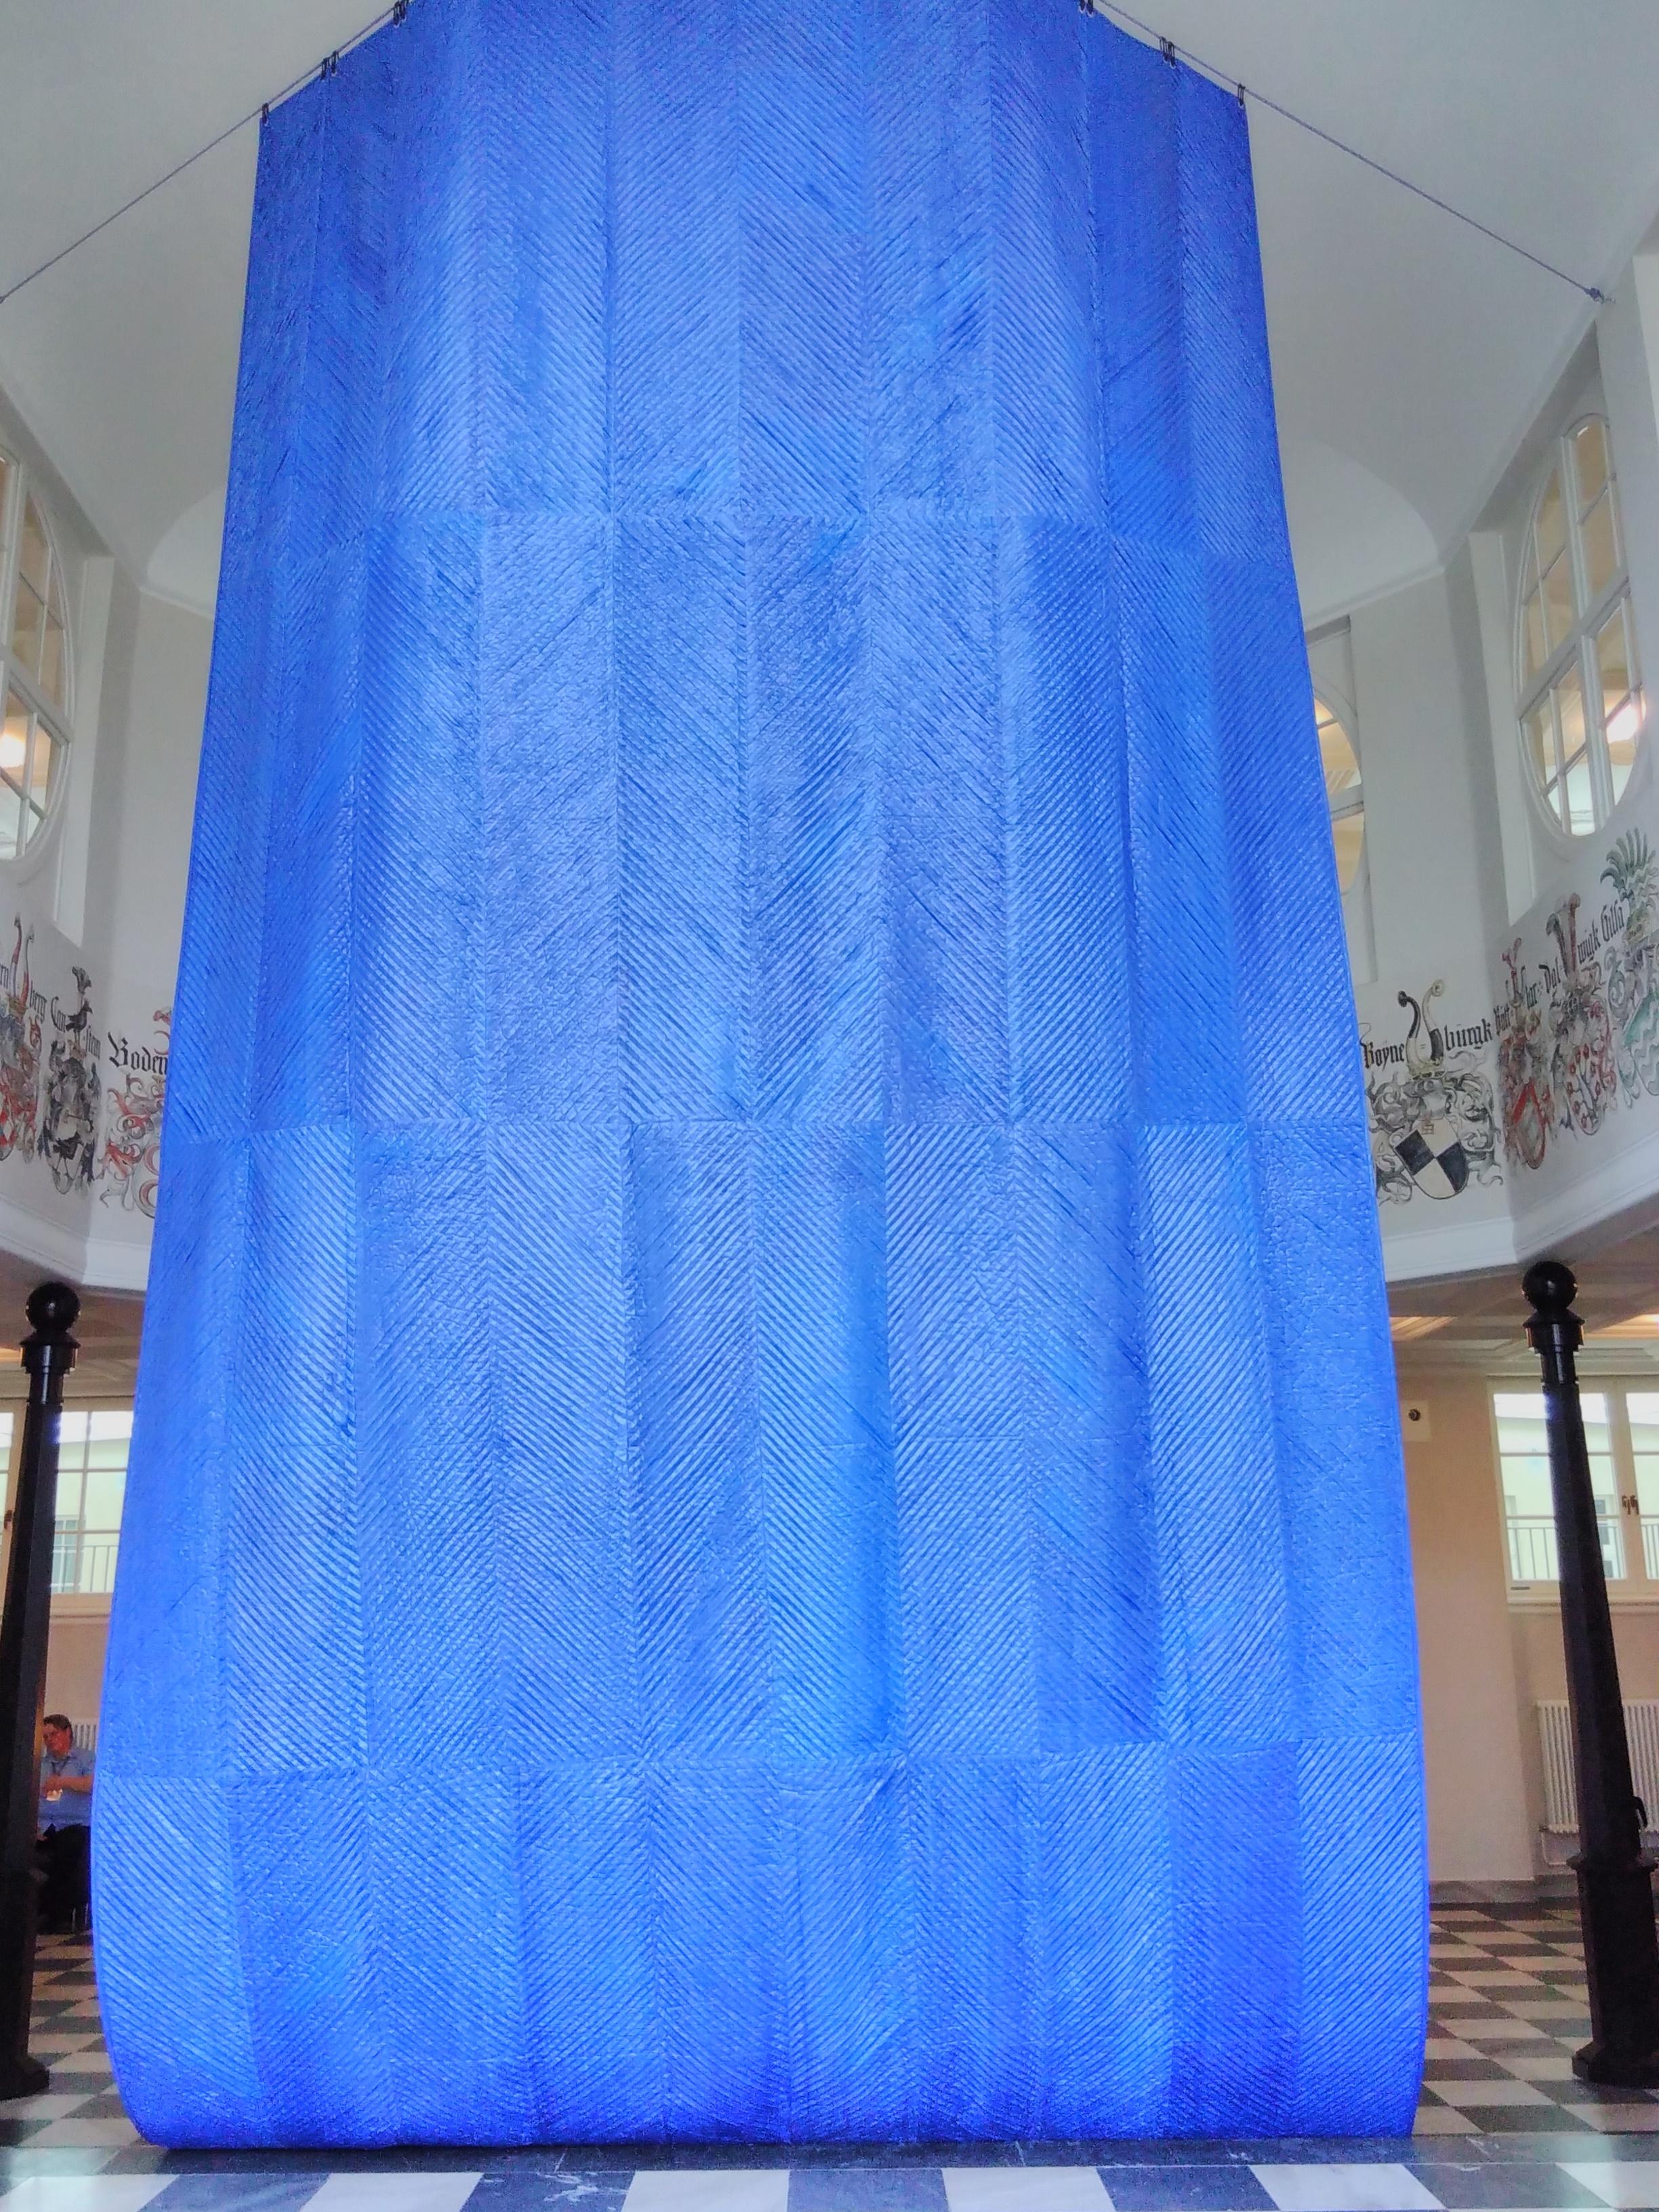 Le bleu de l'oeuvre du Mata Aho collective faite avec du matériau de bâche type sac Ikea, documenta de Kassel 2017